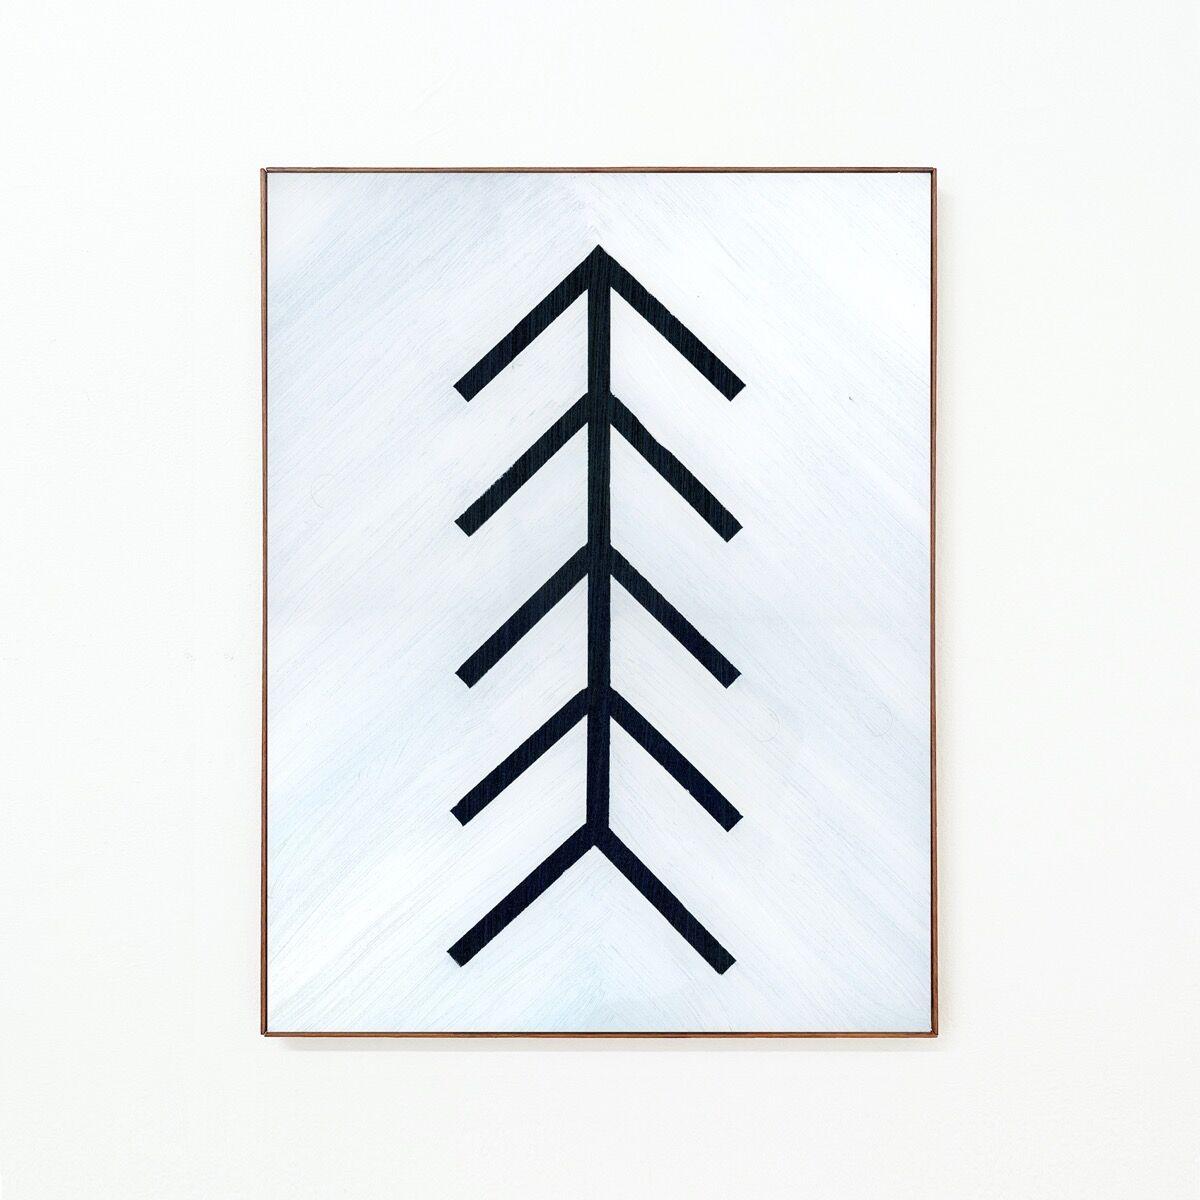 Renato Rios, Energia (Energy), 2020. Courtesy of the artist and Karla Osorio Gallery.